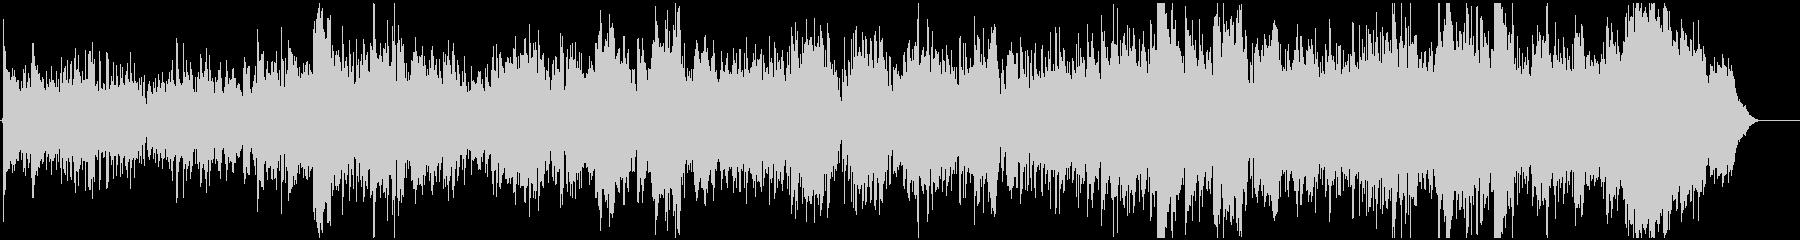 ゆったりした情景的なBGMの未再生の波形